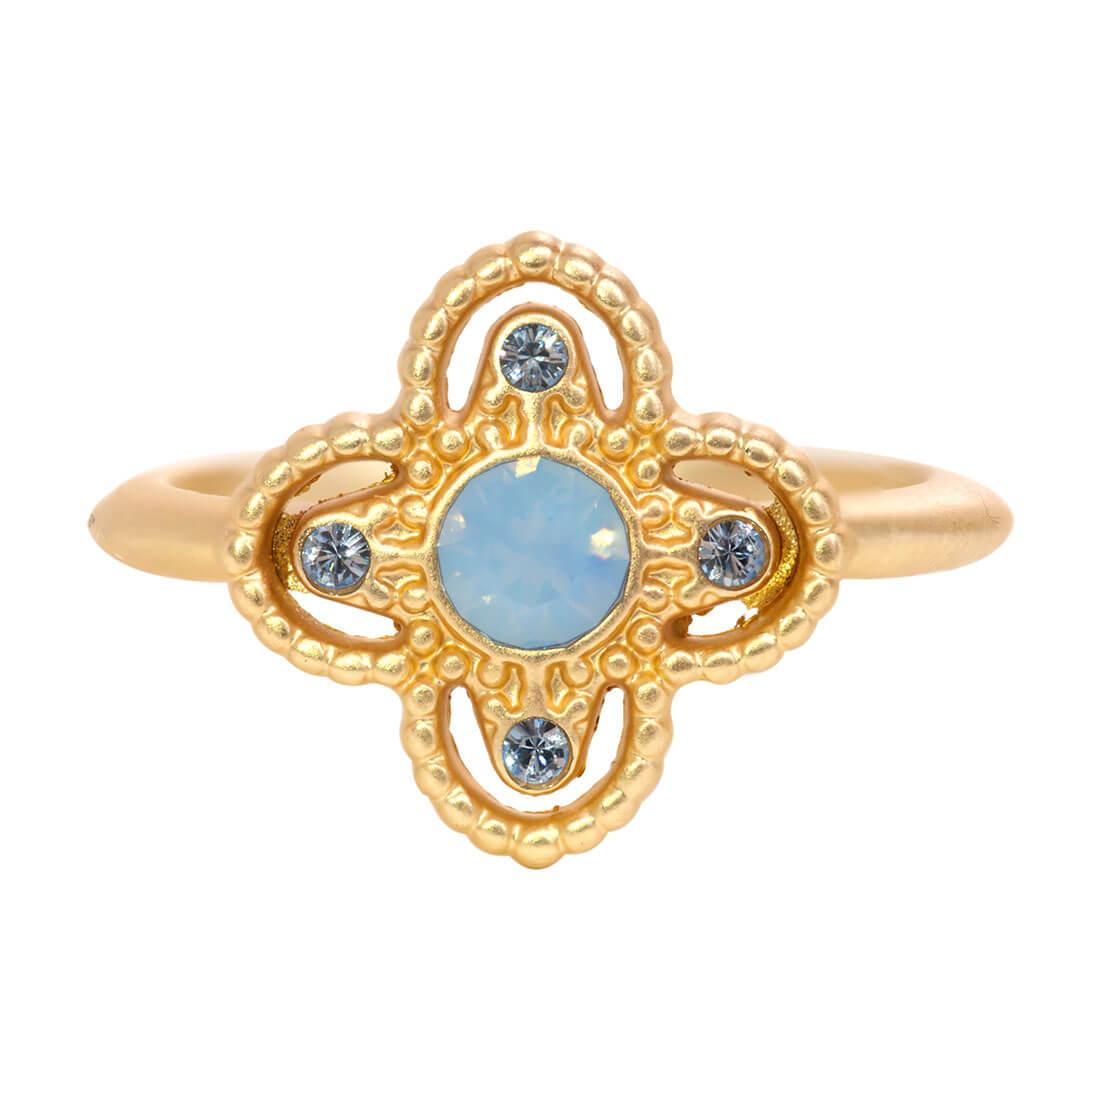 Swarovski Crystal Blue Star Ring - 14k Gold